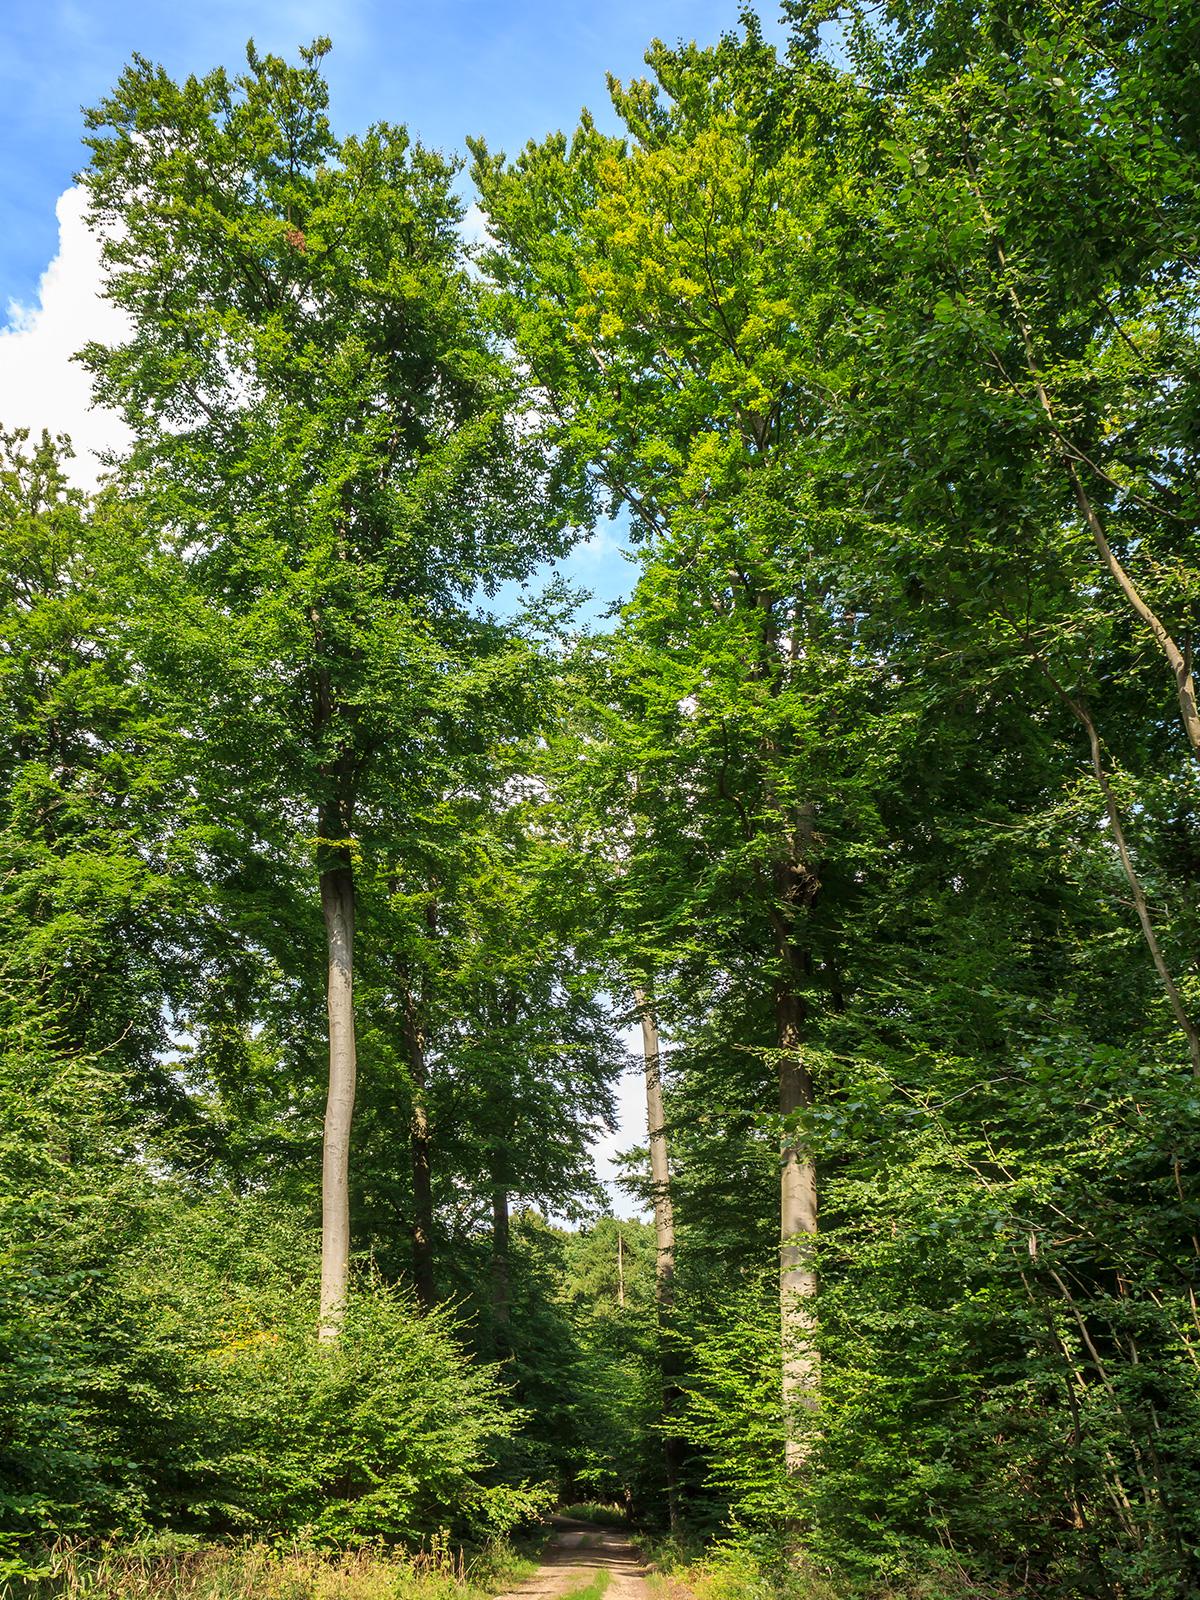 mehrere etwas gesündere Überhälter am Forstweg